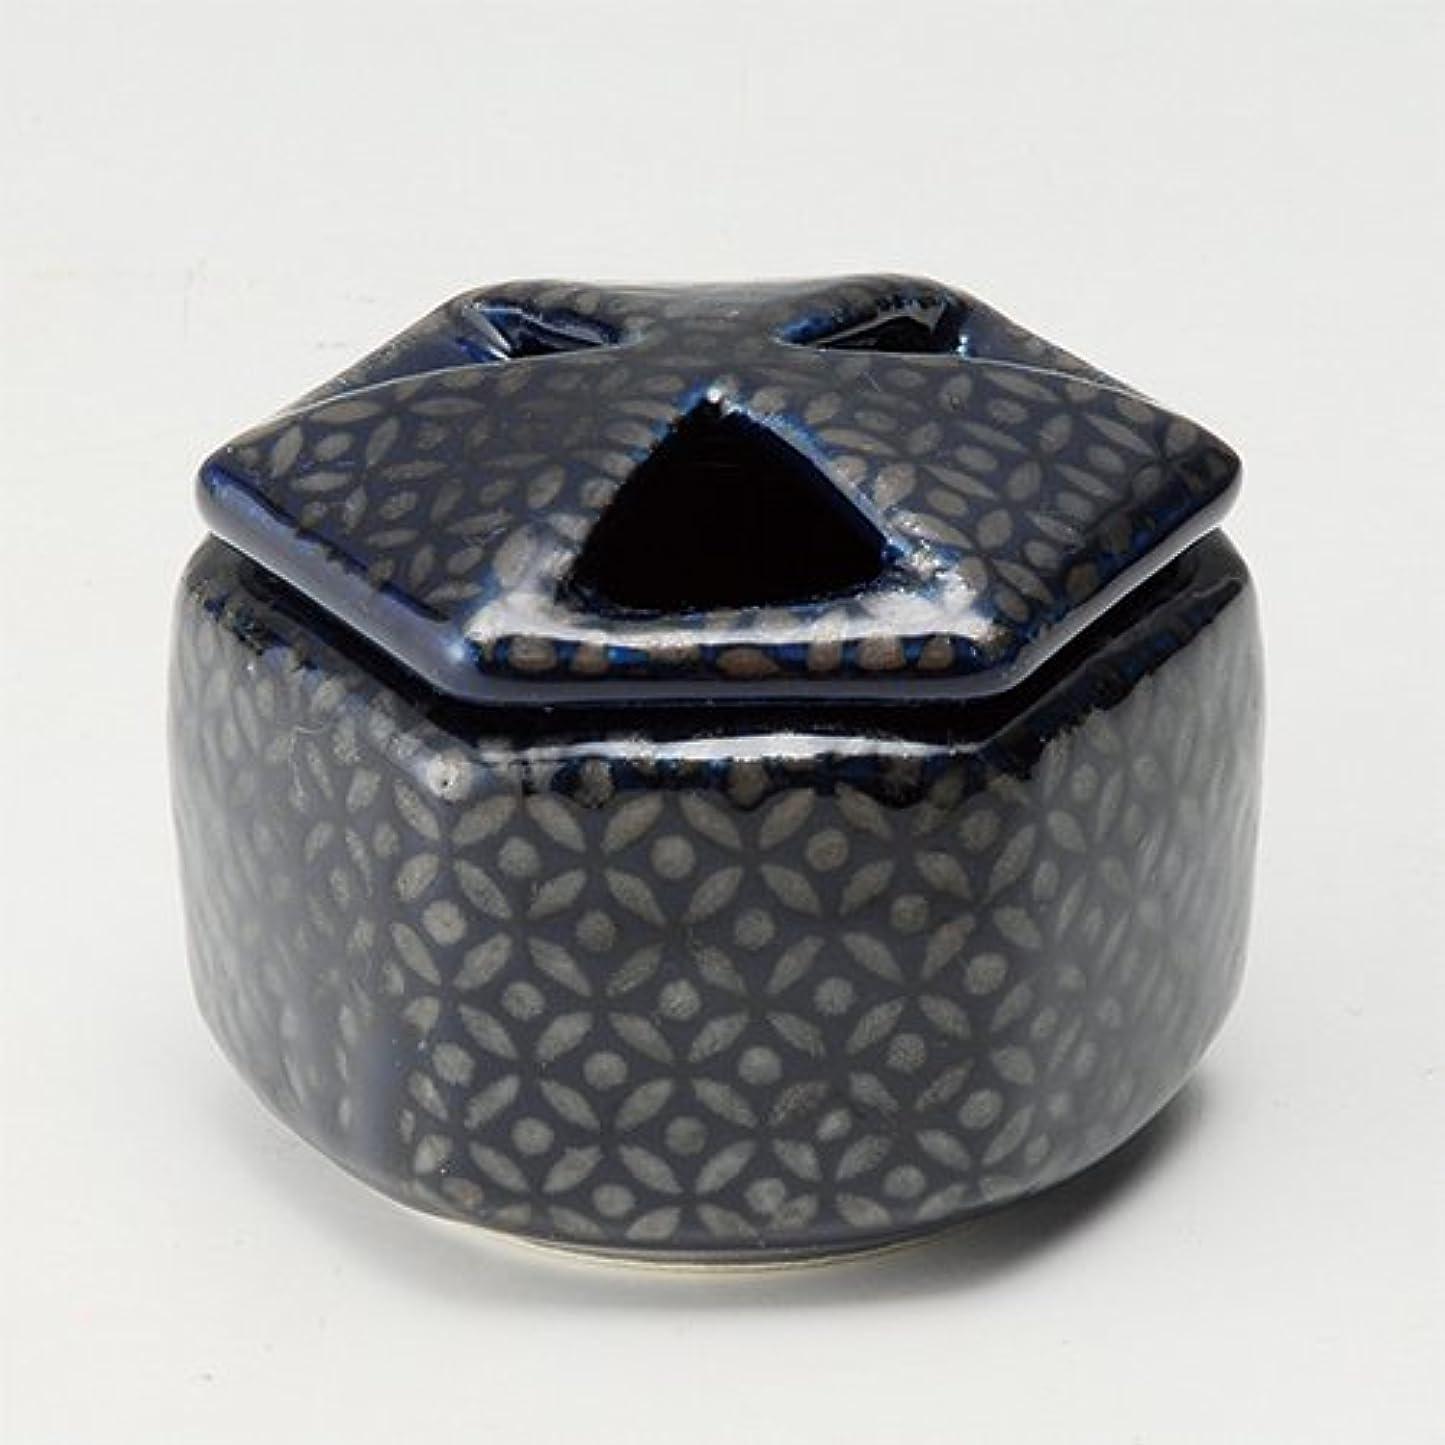 パイウィスキーひらめき香炉 瑠璃七宝 六角香炉 [R8.8xH6.5cm] プレゼント ギフト 和食器 かわいい インテリア